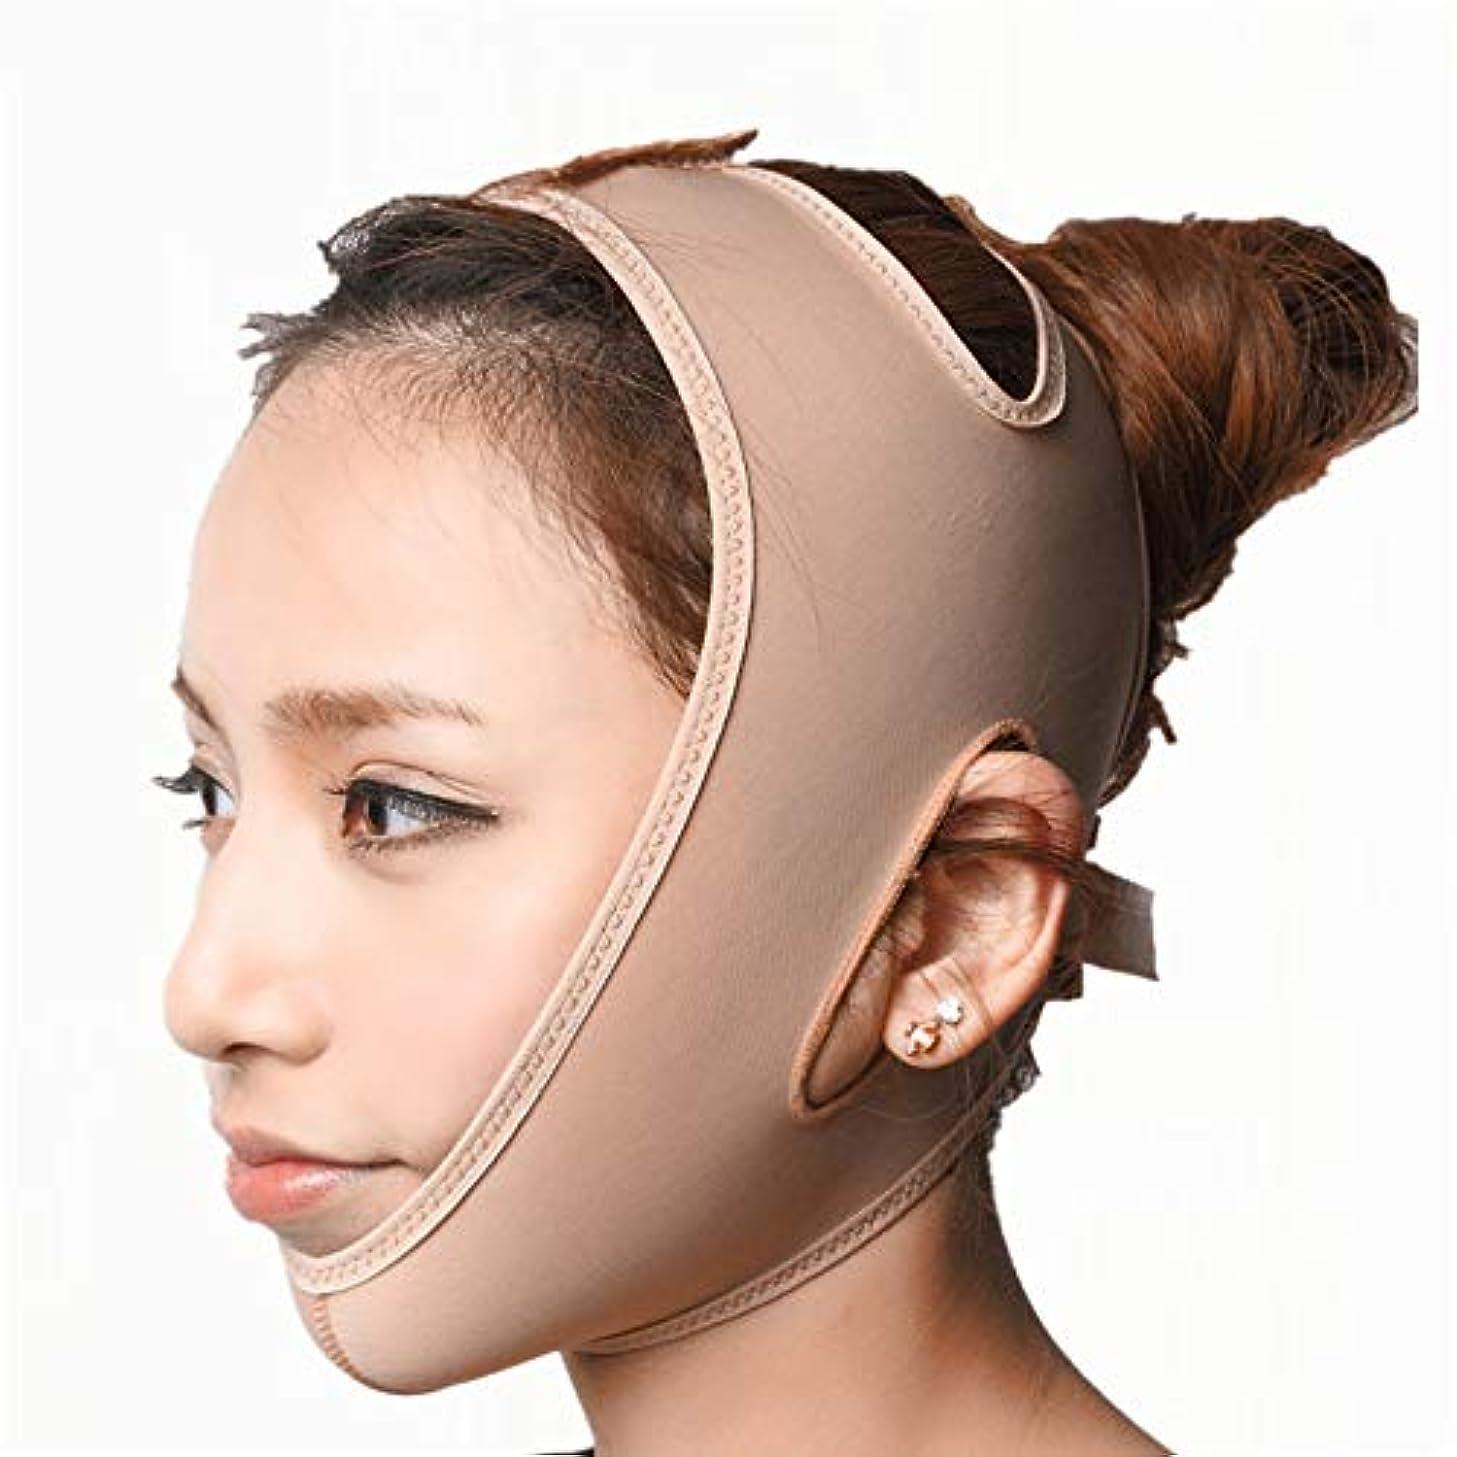 損なう暗記する擬人薄い顔のベルト - 薄い顔のアーチファクトVの顔の包帯マスクの顔のマッサージャー薄いダブルの顎のデバイス